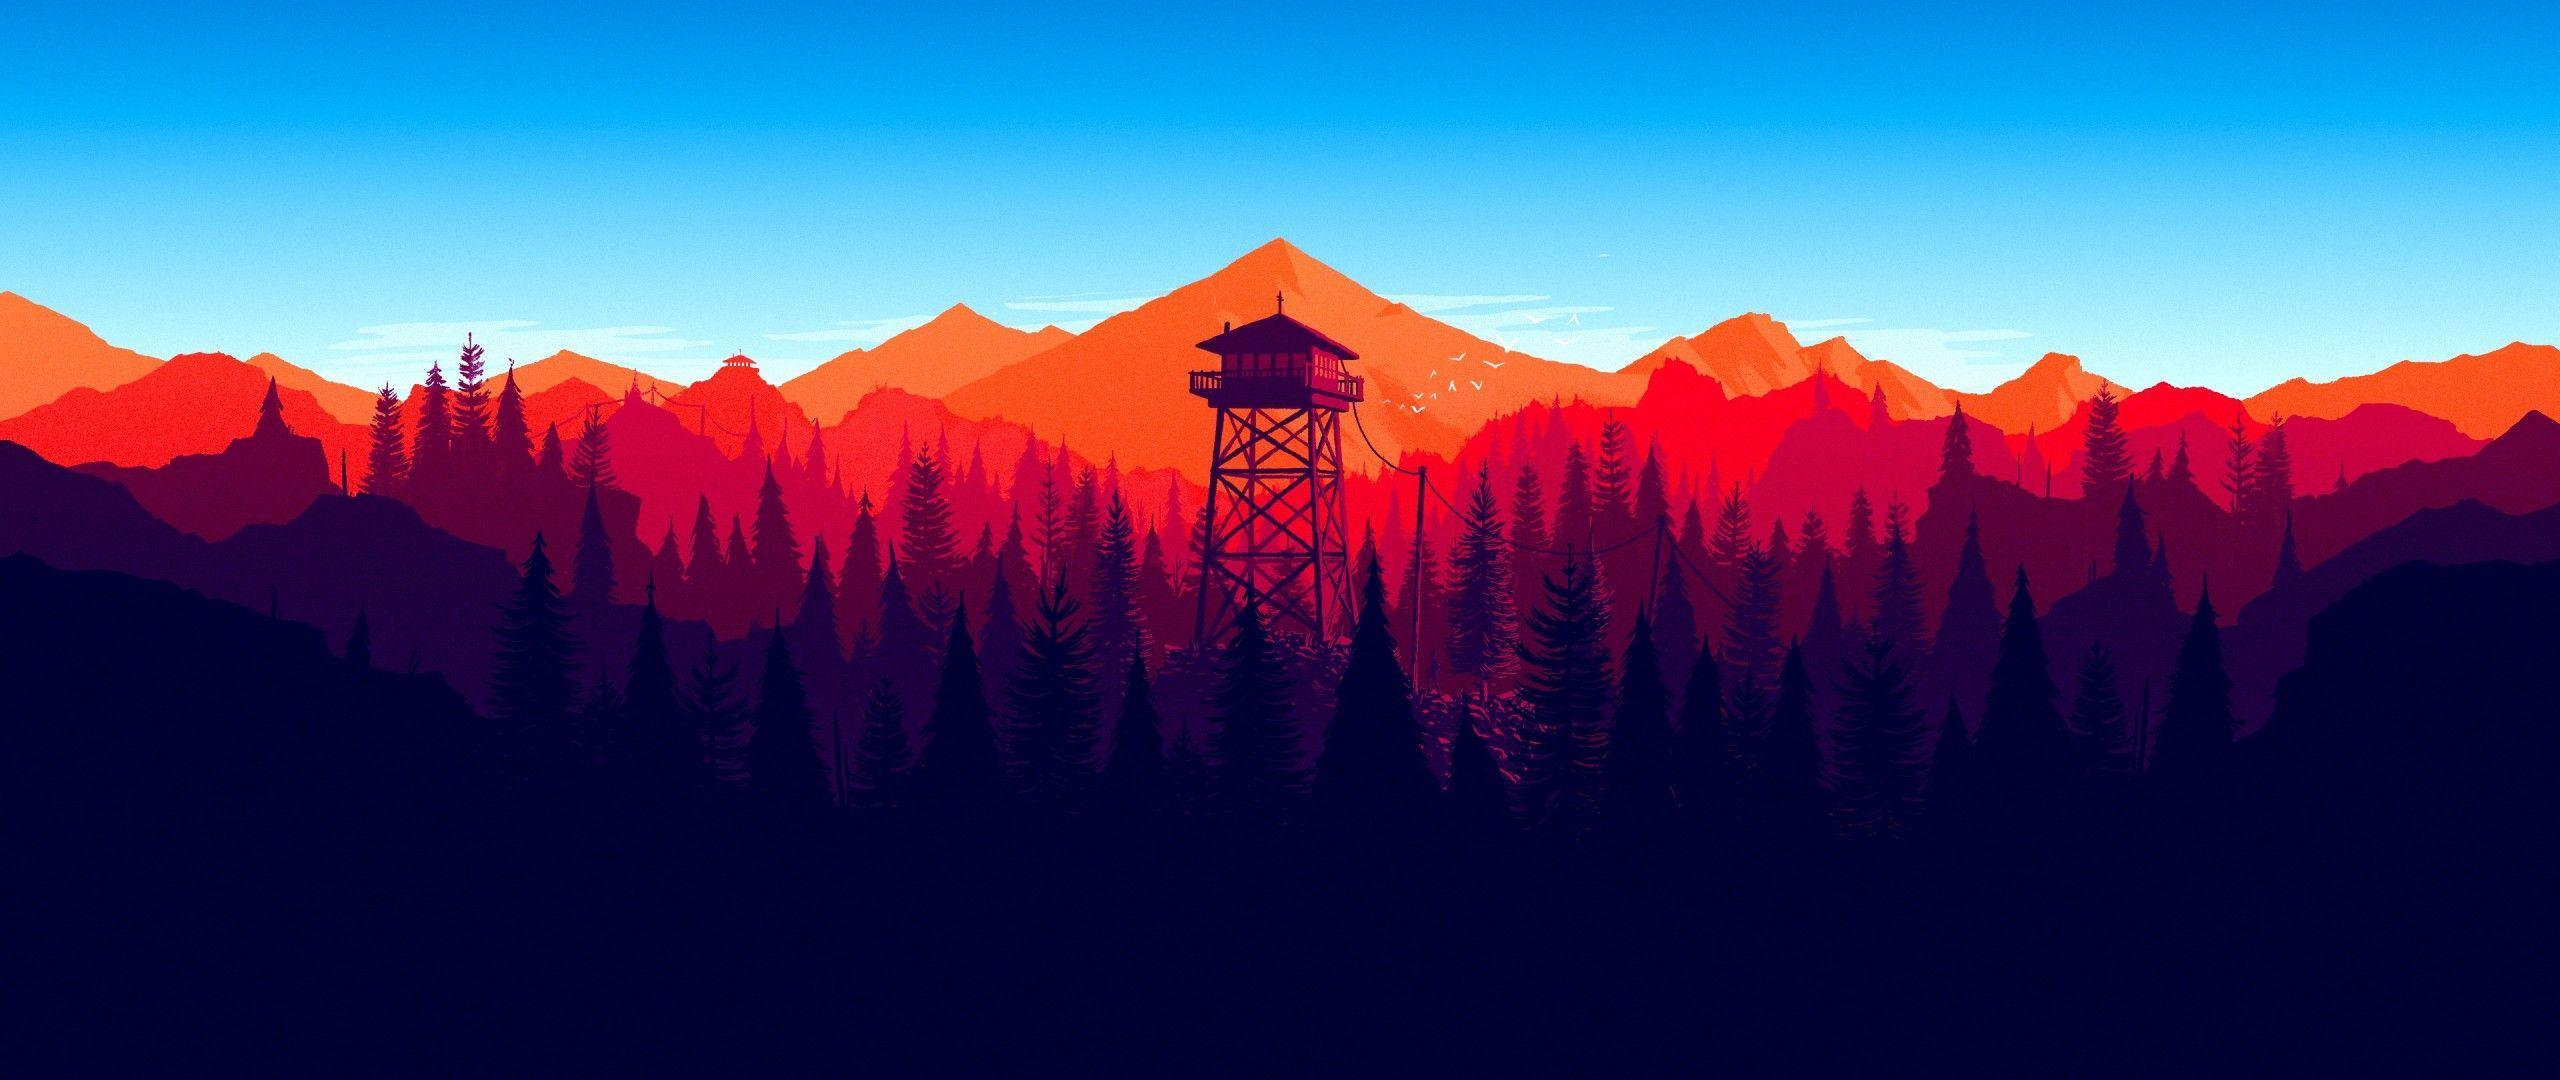 2560x1080 Firewatch Forest Mountains Minimalism 4k 2560x1080